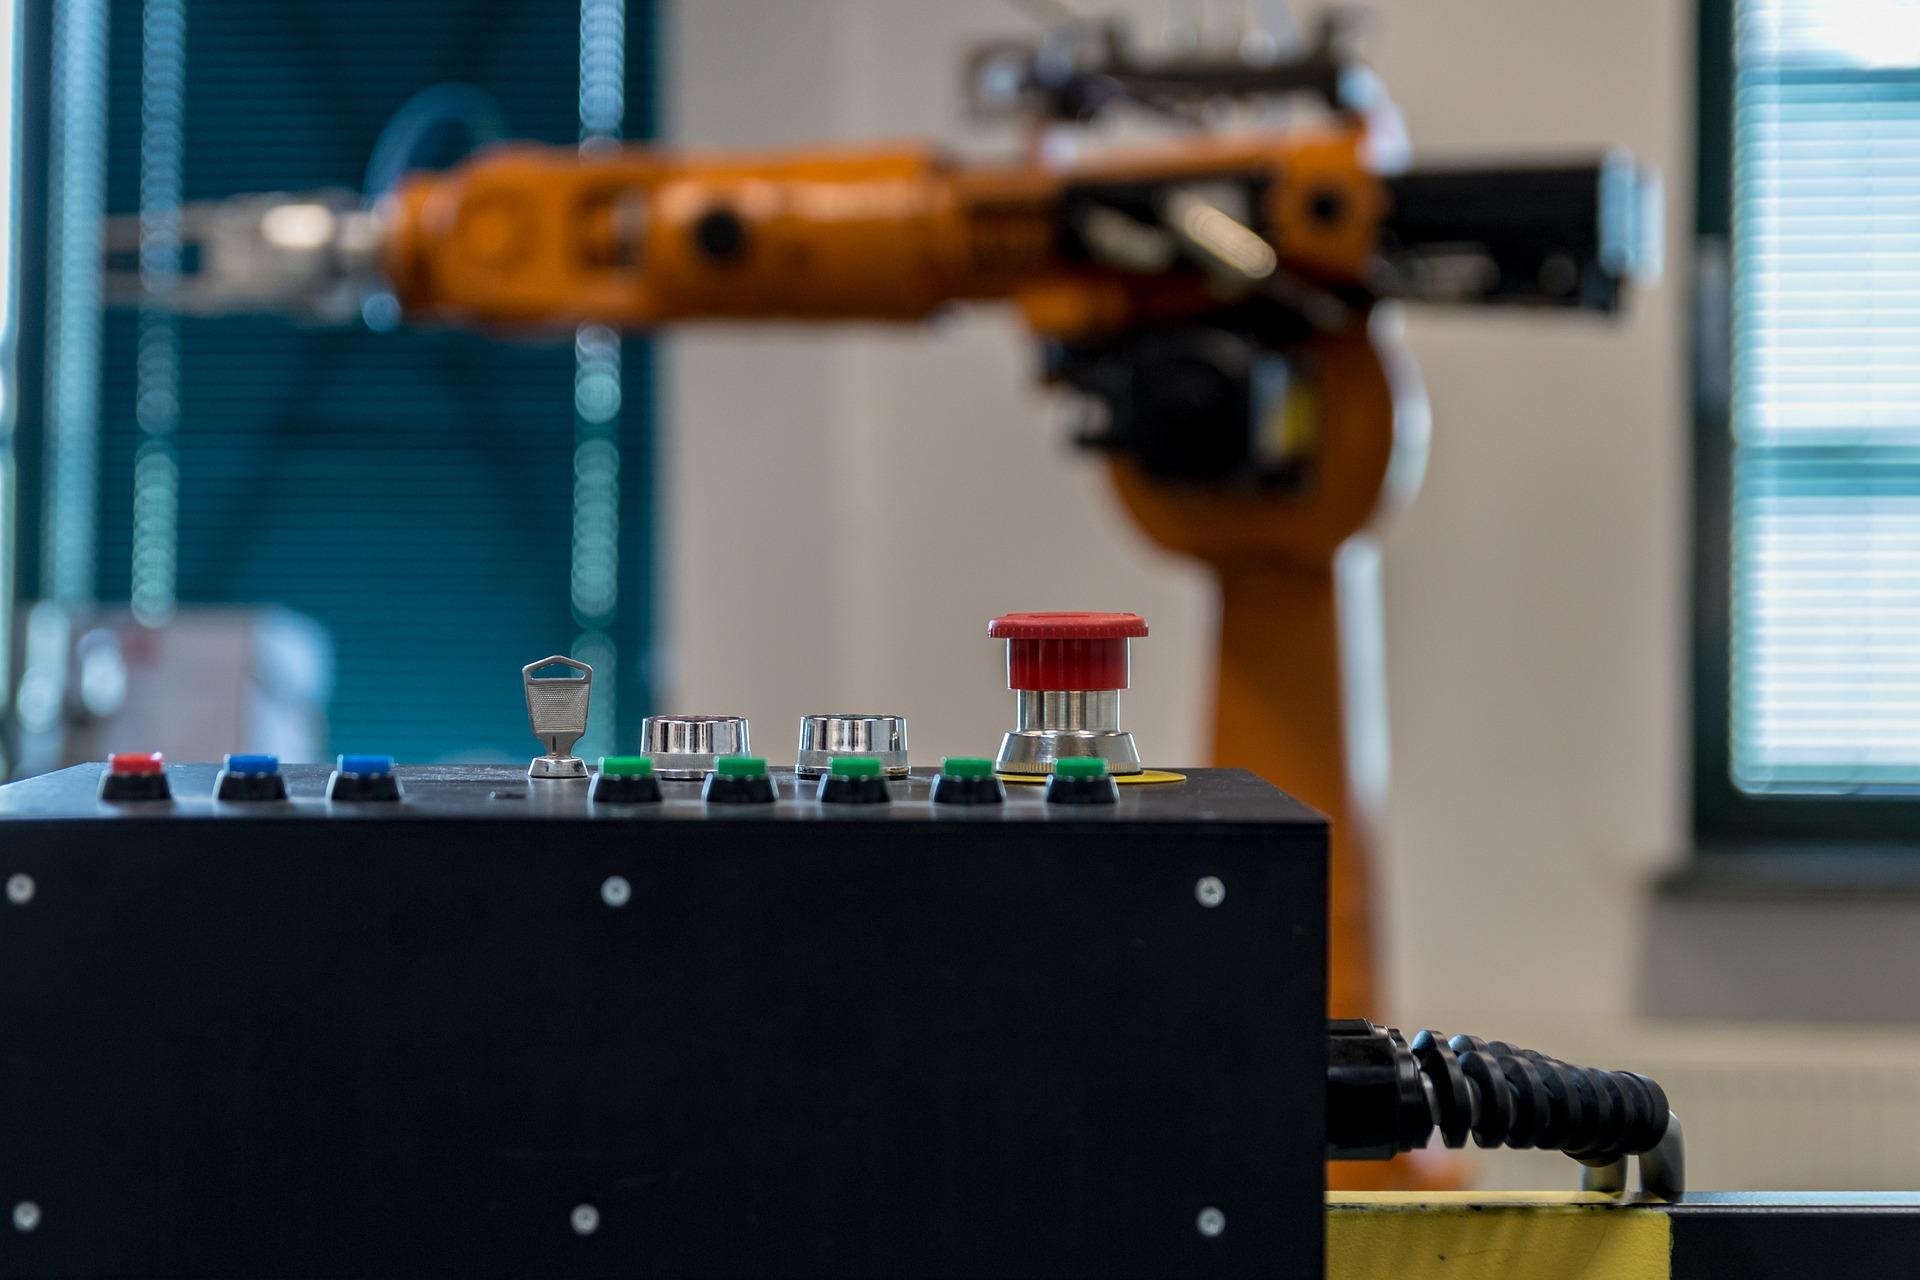 robotica e automação industrial 4